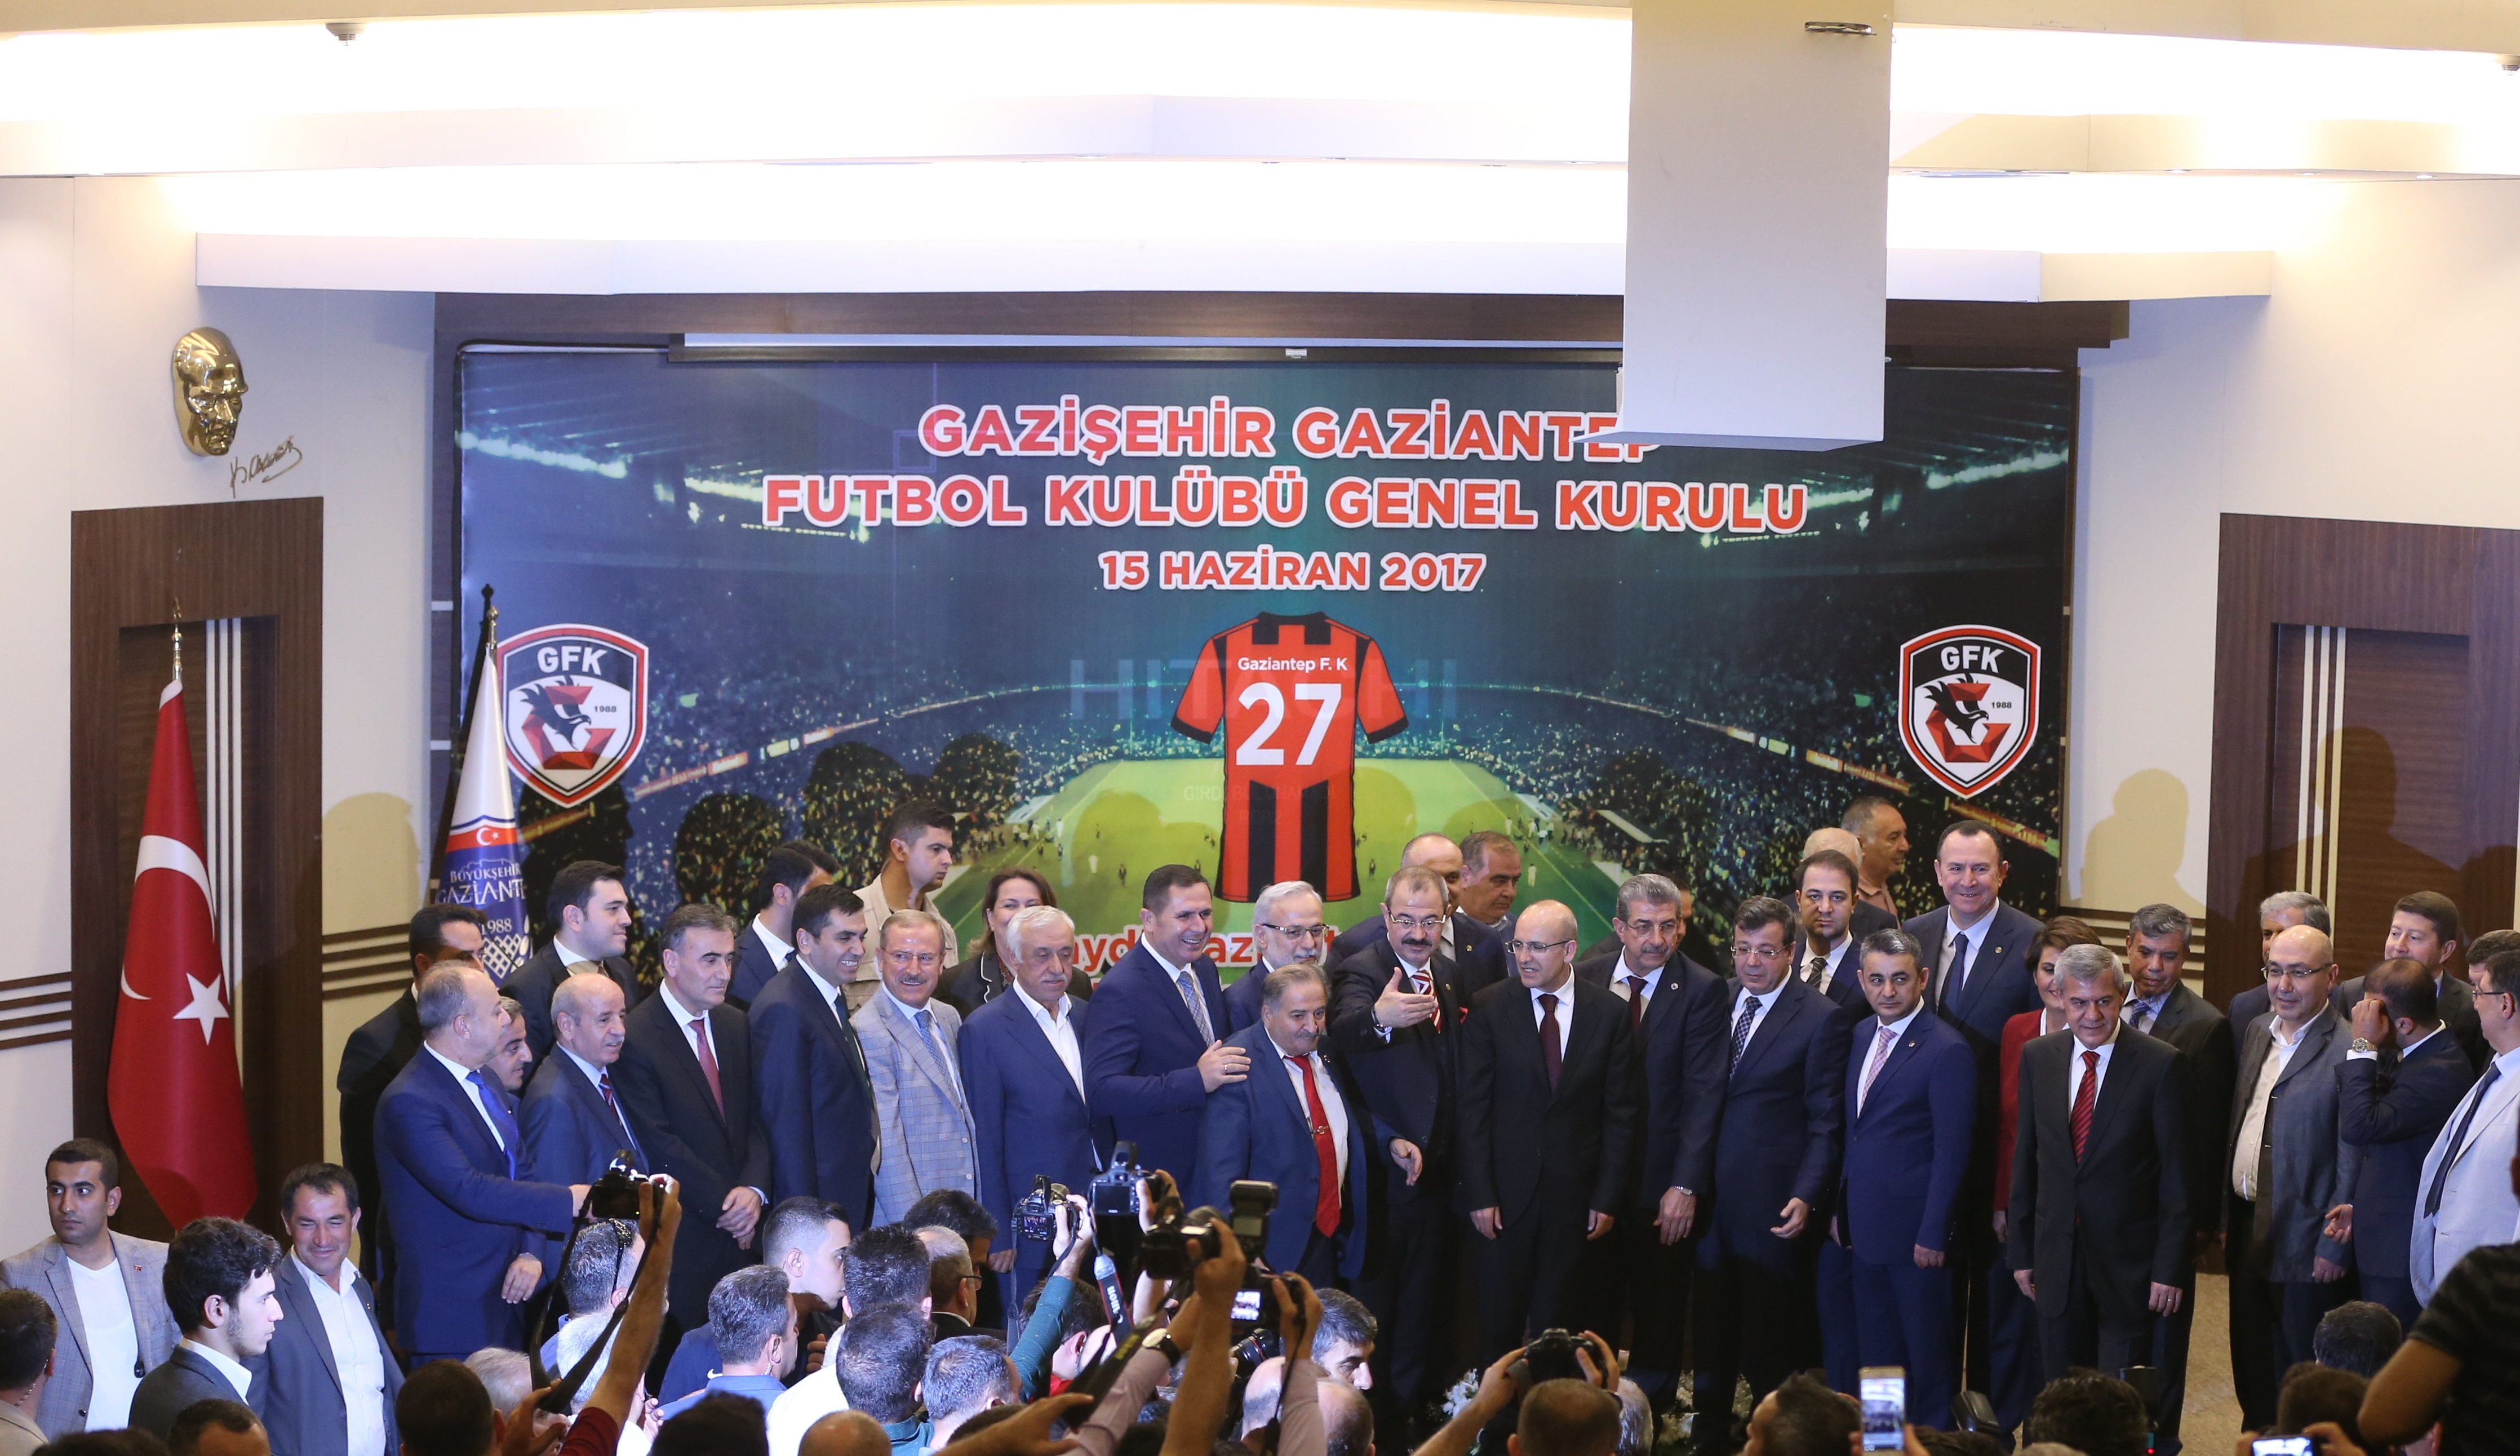 TFF 1. Lig takımının adı ve logosu değişti